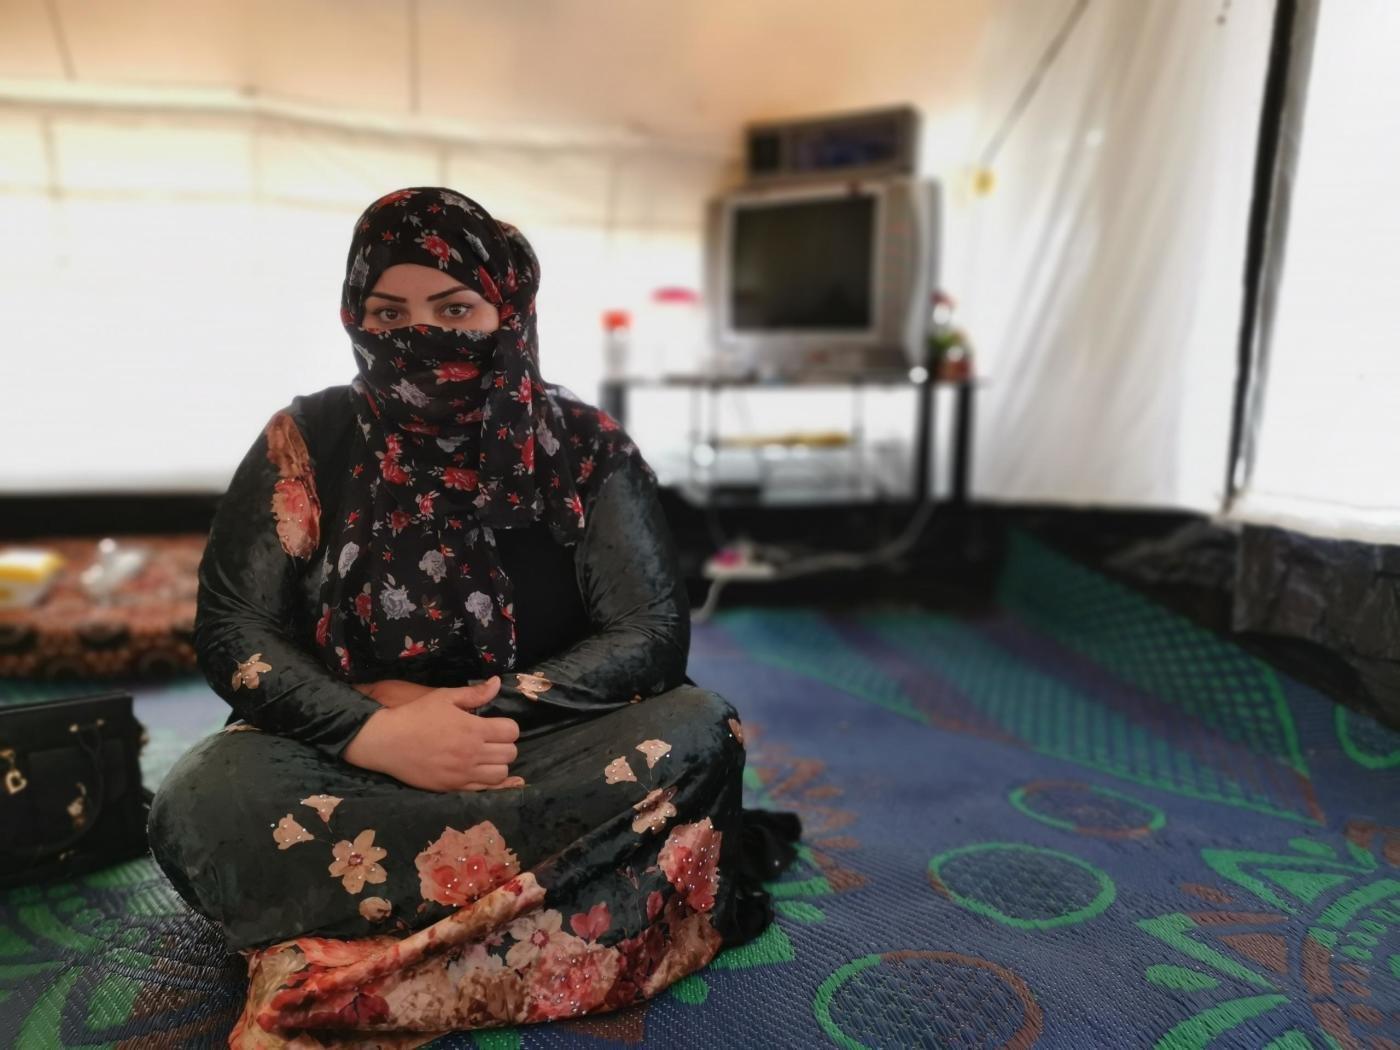 ريم تعيش في المخيم من 2017